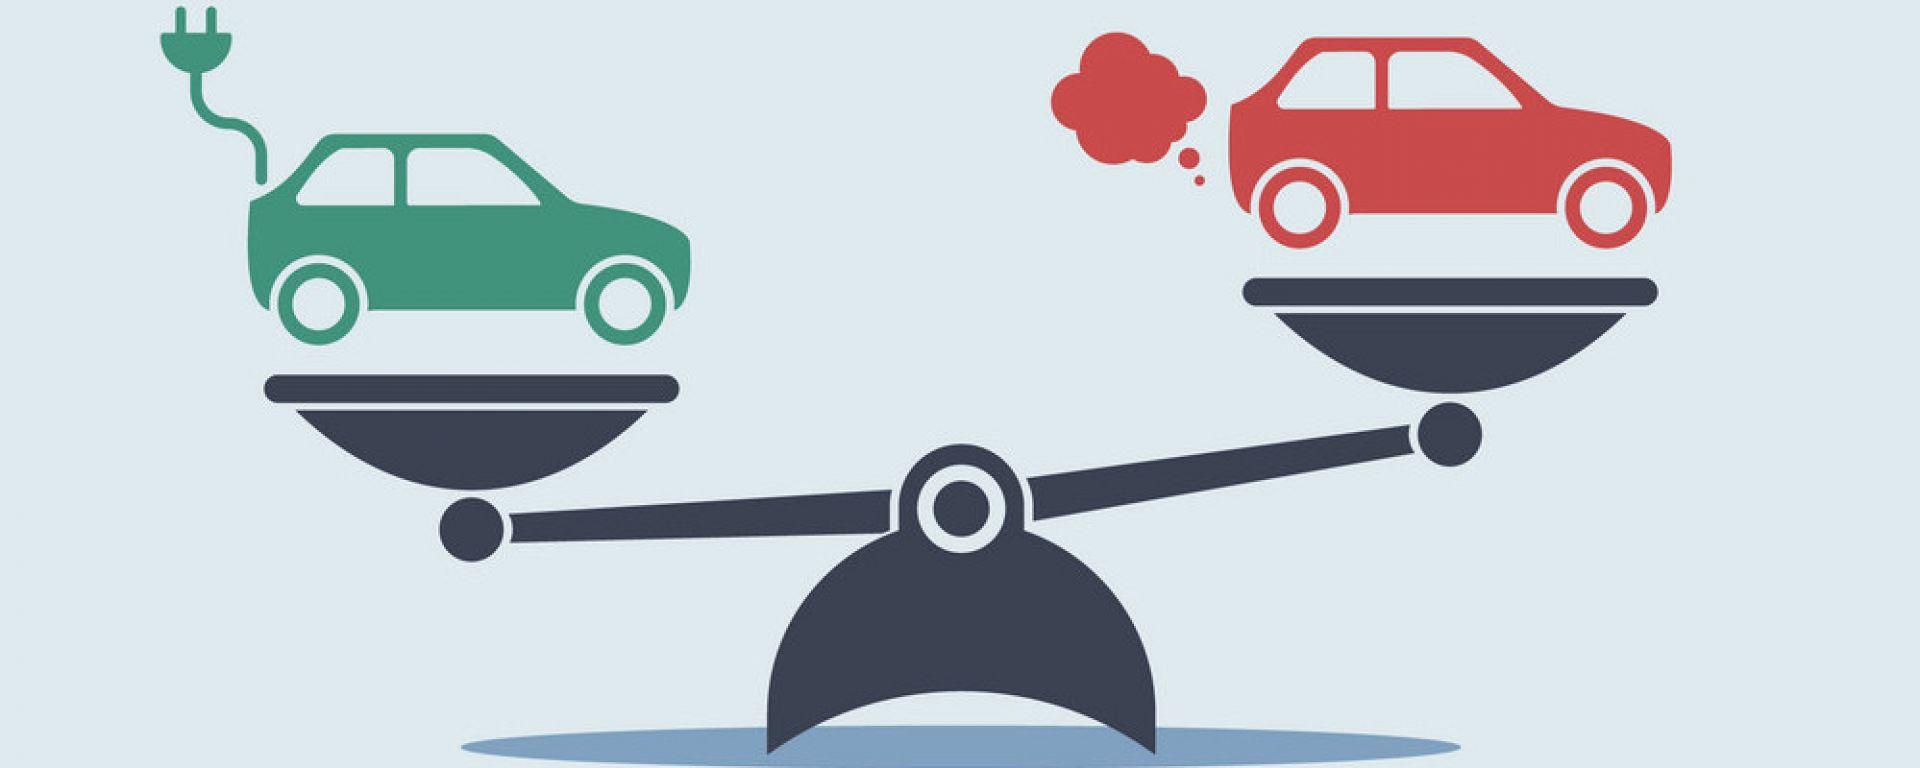 Elettriche più economiche di benzina e diesel dal 2027. Se lo dice Bloomberg...